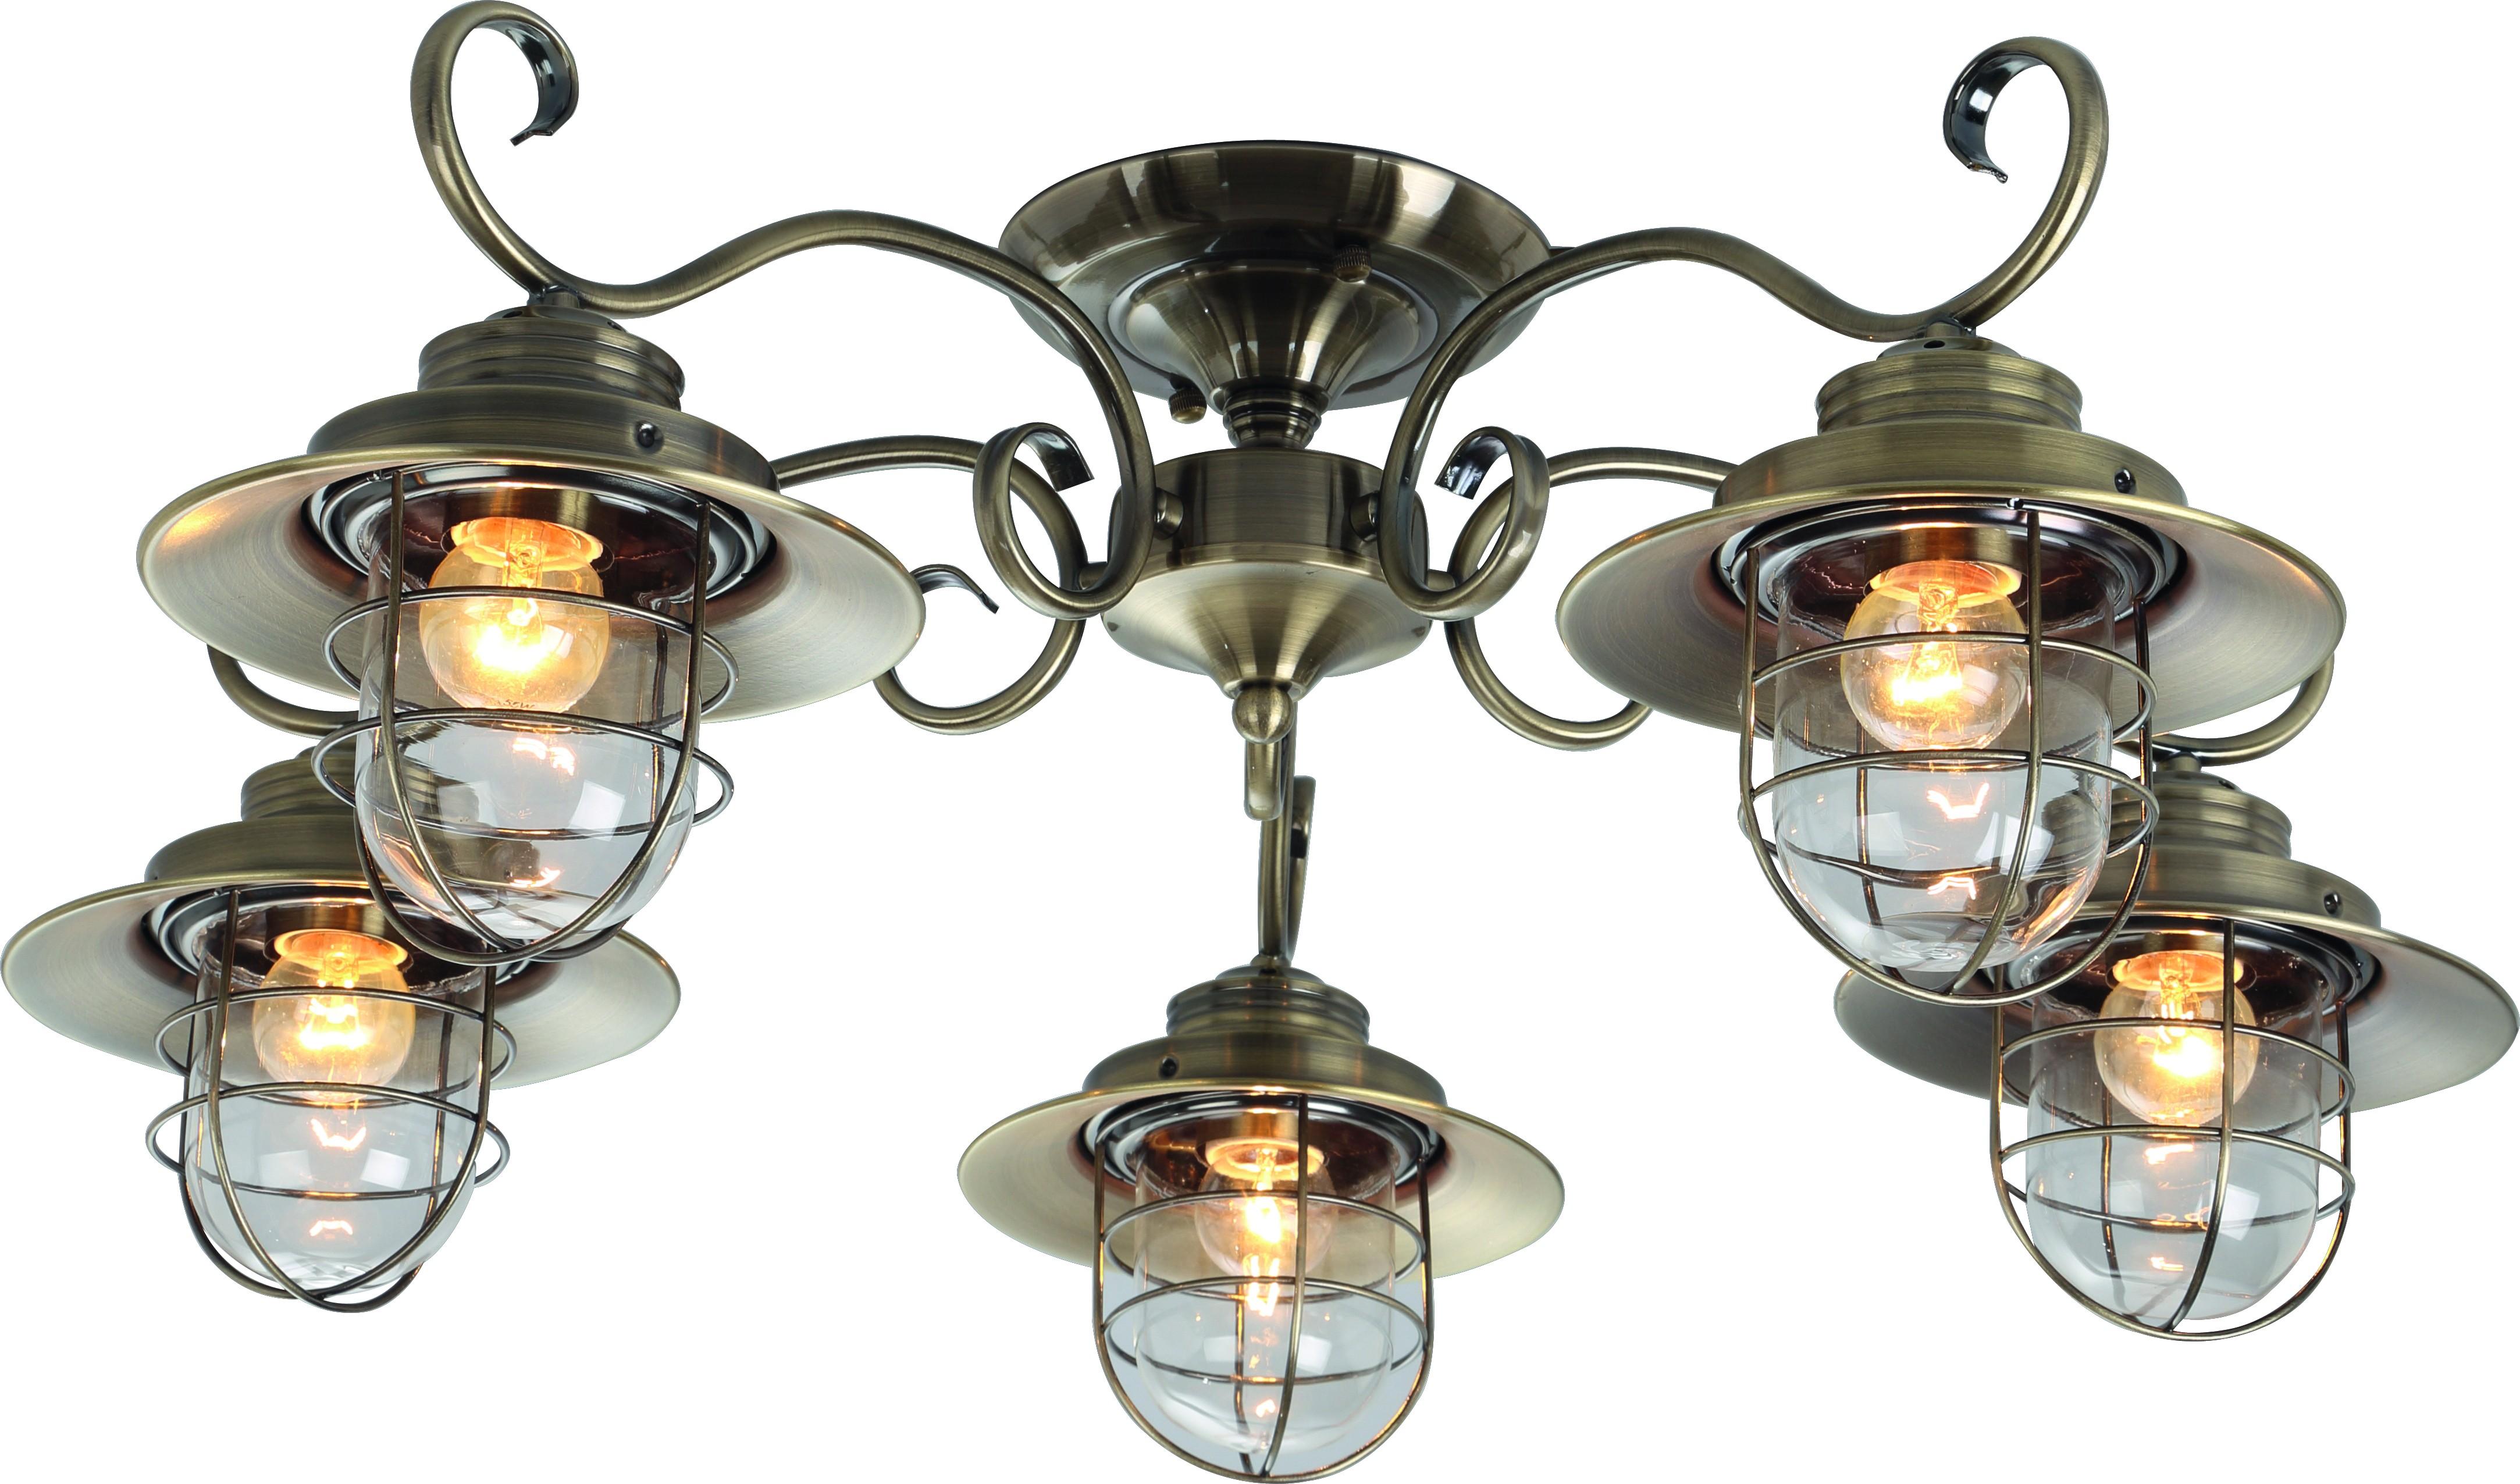 Люстра Arte lamp A4579pl-5ab arte lamp люстра arte lamp a7556pl 5ab